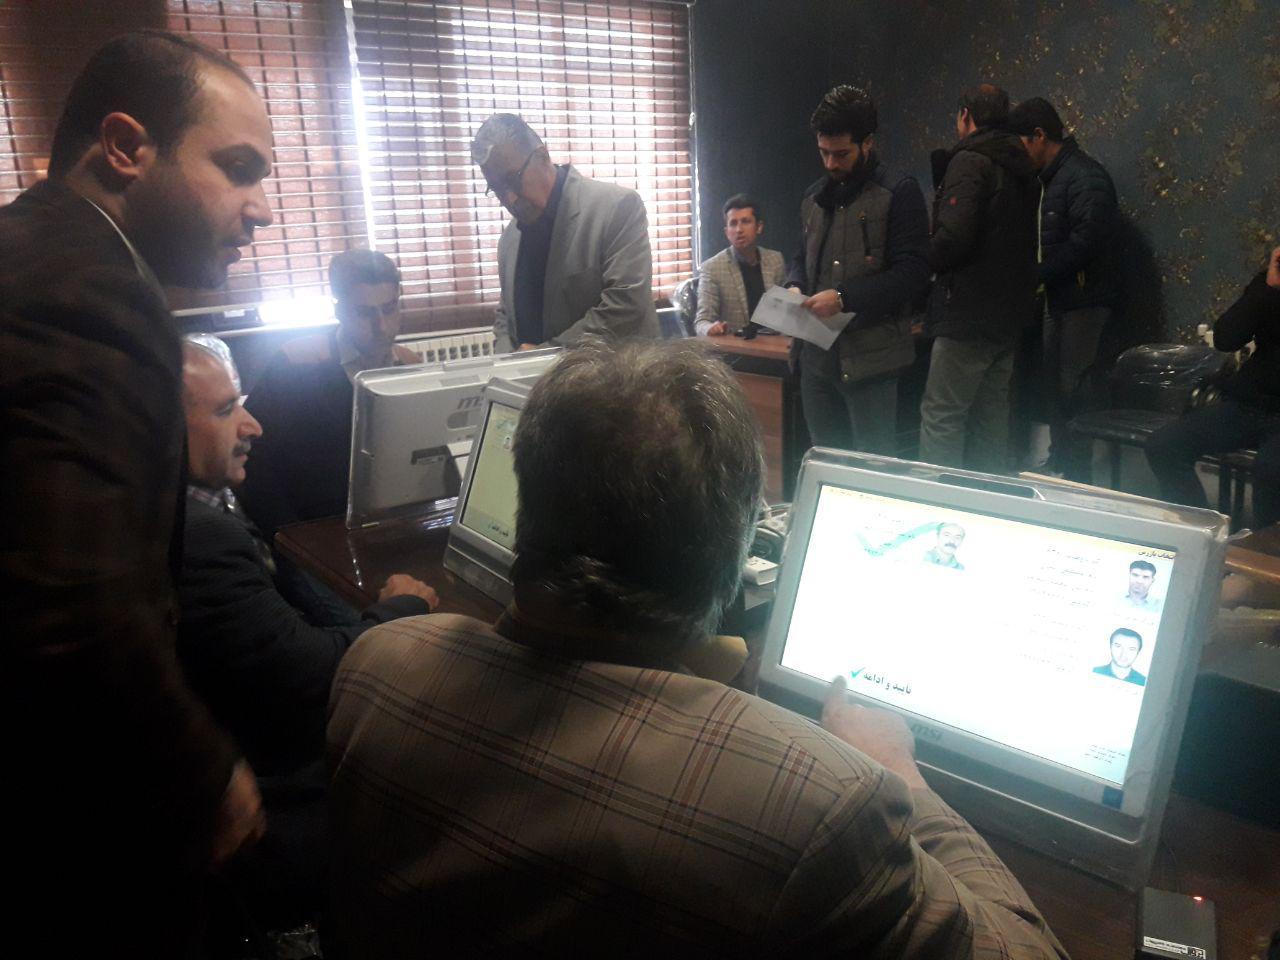 انتخابات اتحادیه فروشندگان لوازم الکترونیکی و نهادهای کشاورزی دماوند (1)